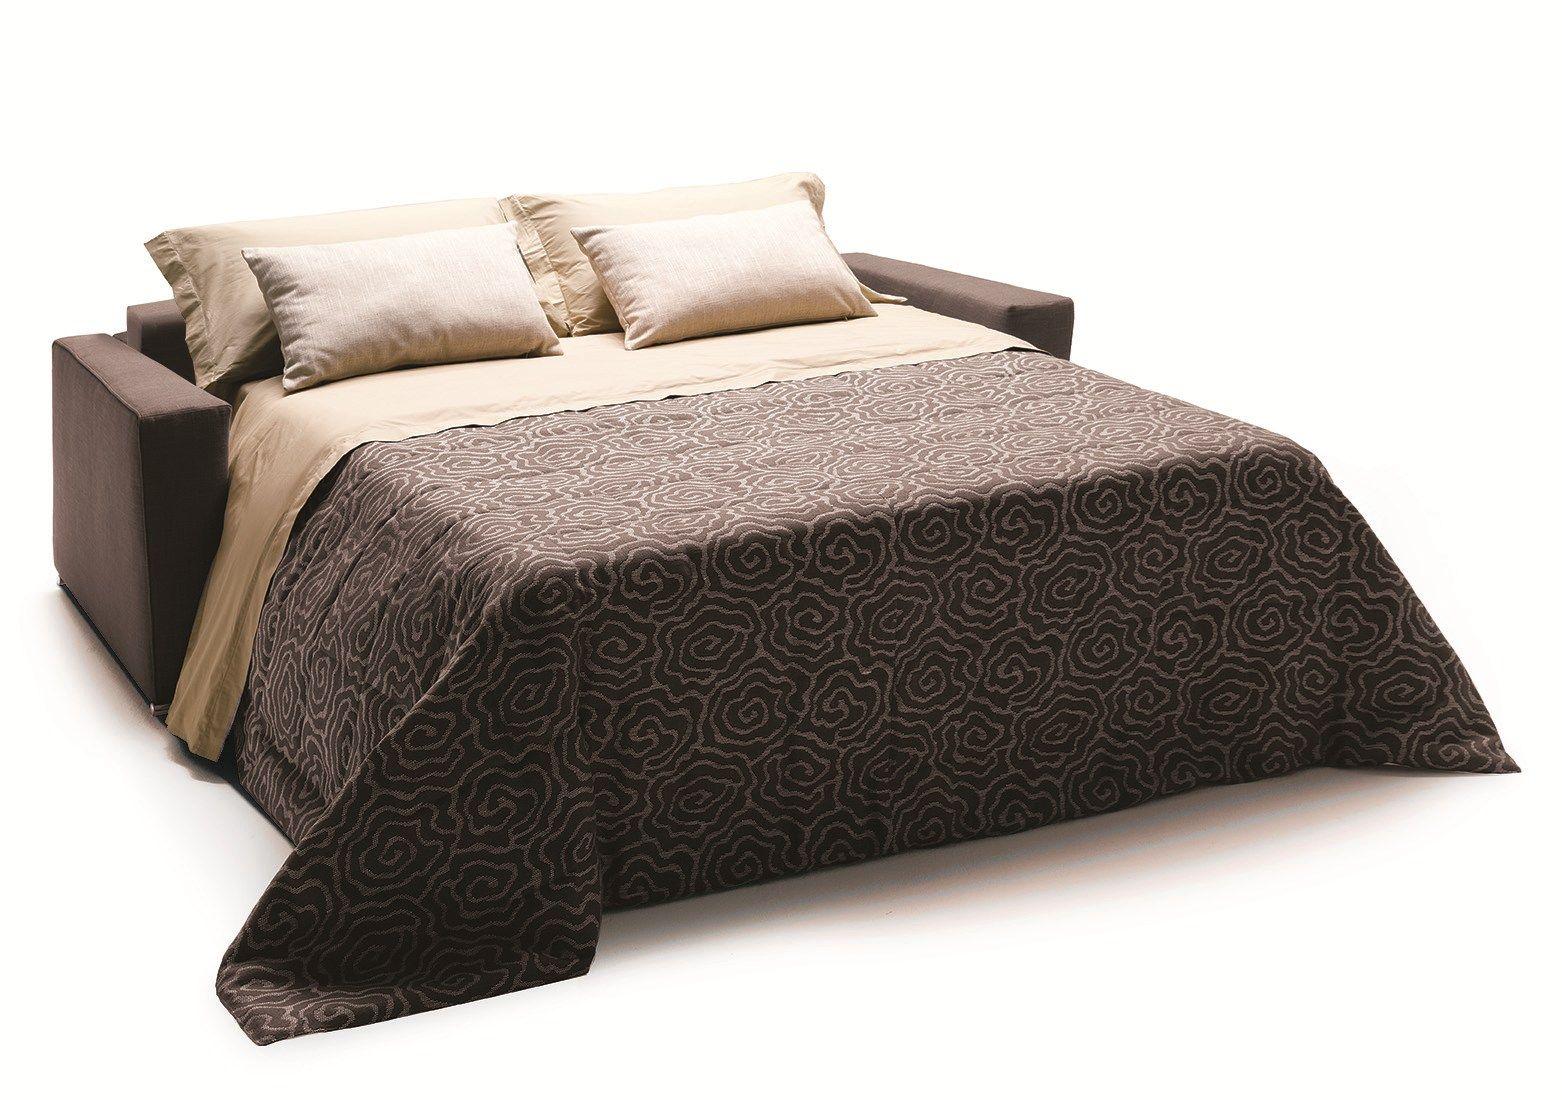 Divano letto retrohs by milano bedding design studio mb - Divano letto studio ...